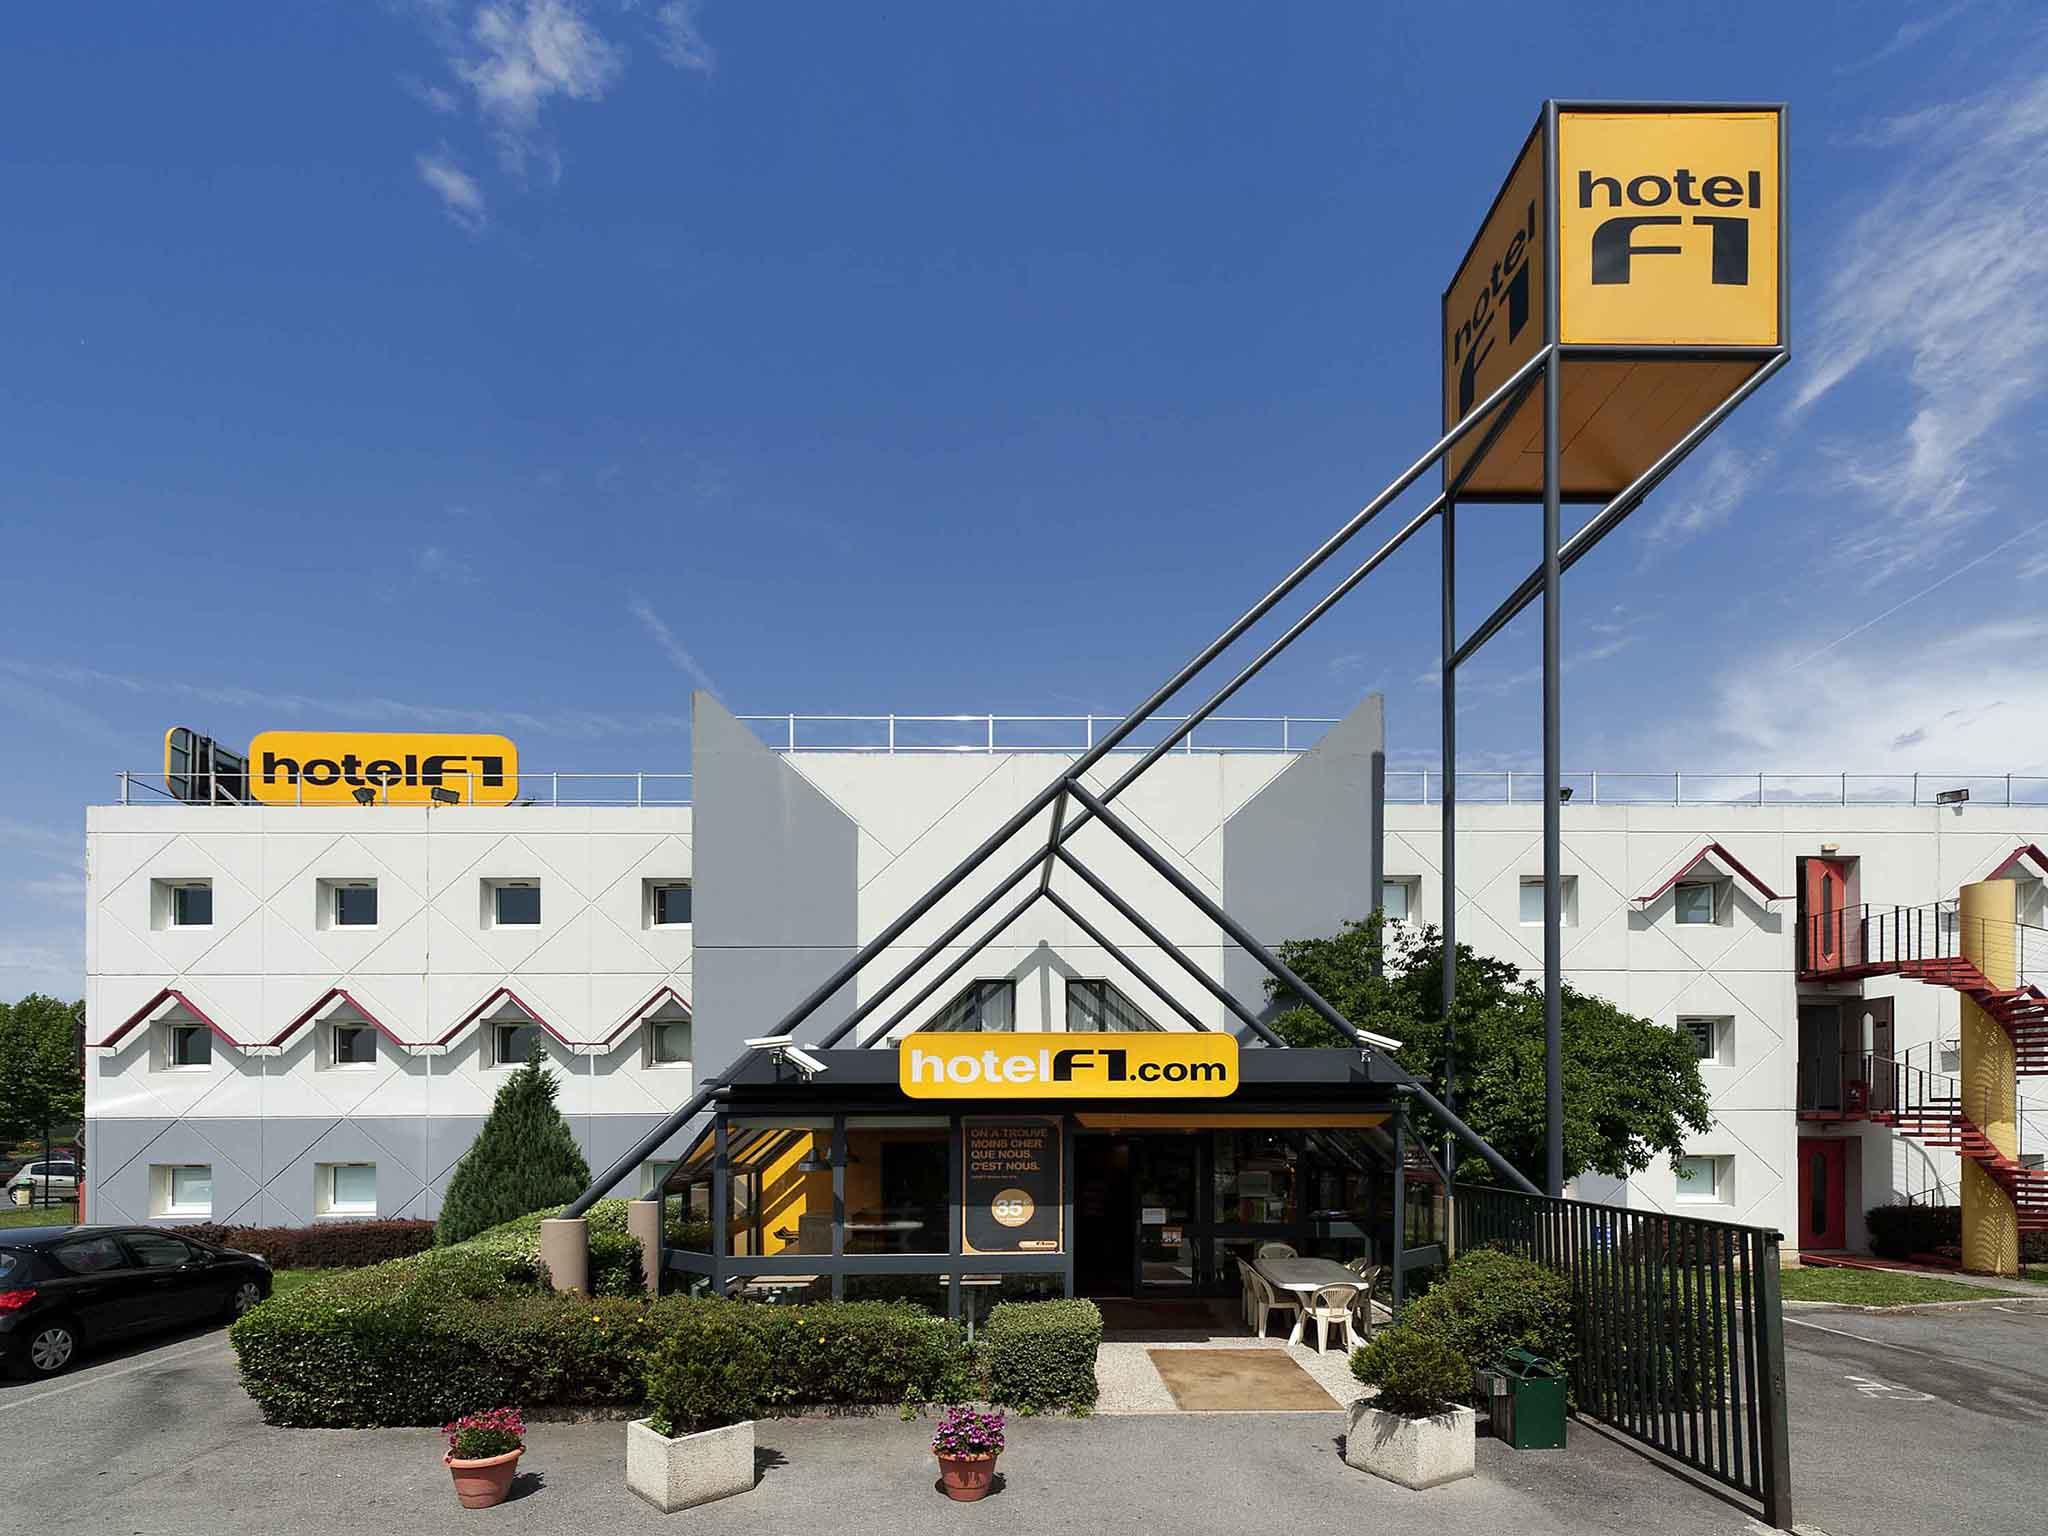 Hotel - hotelF1 Sochaux Montbéliard